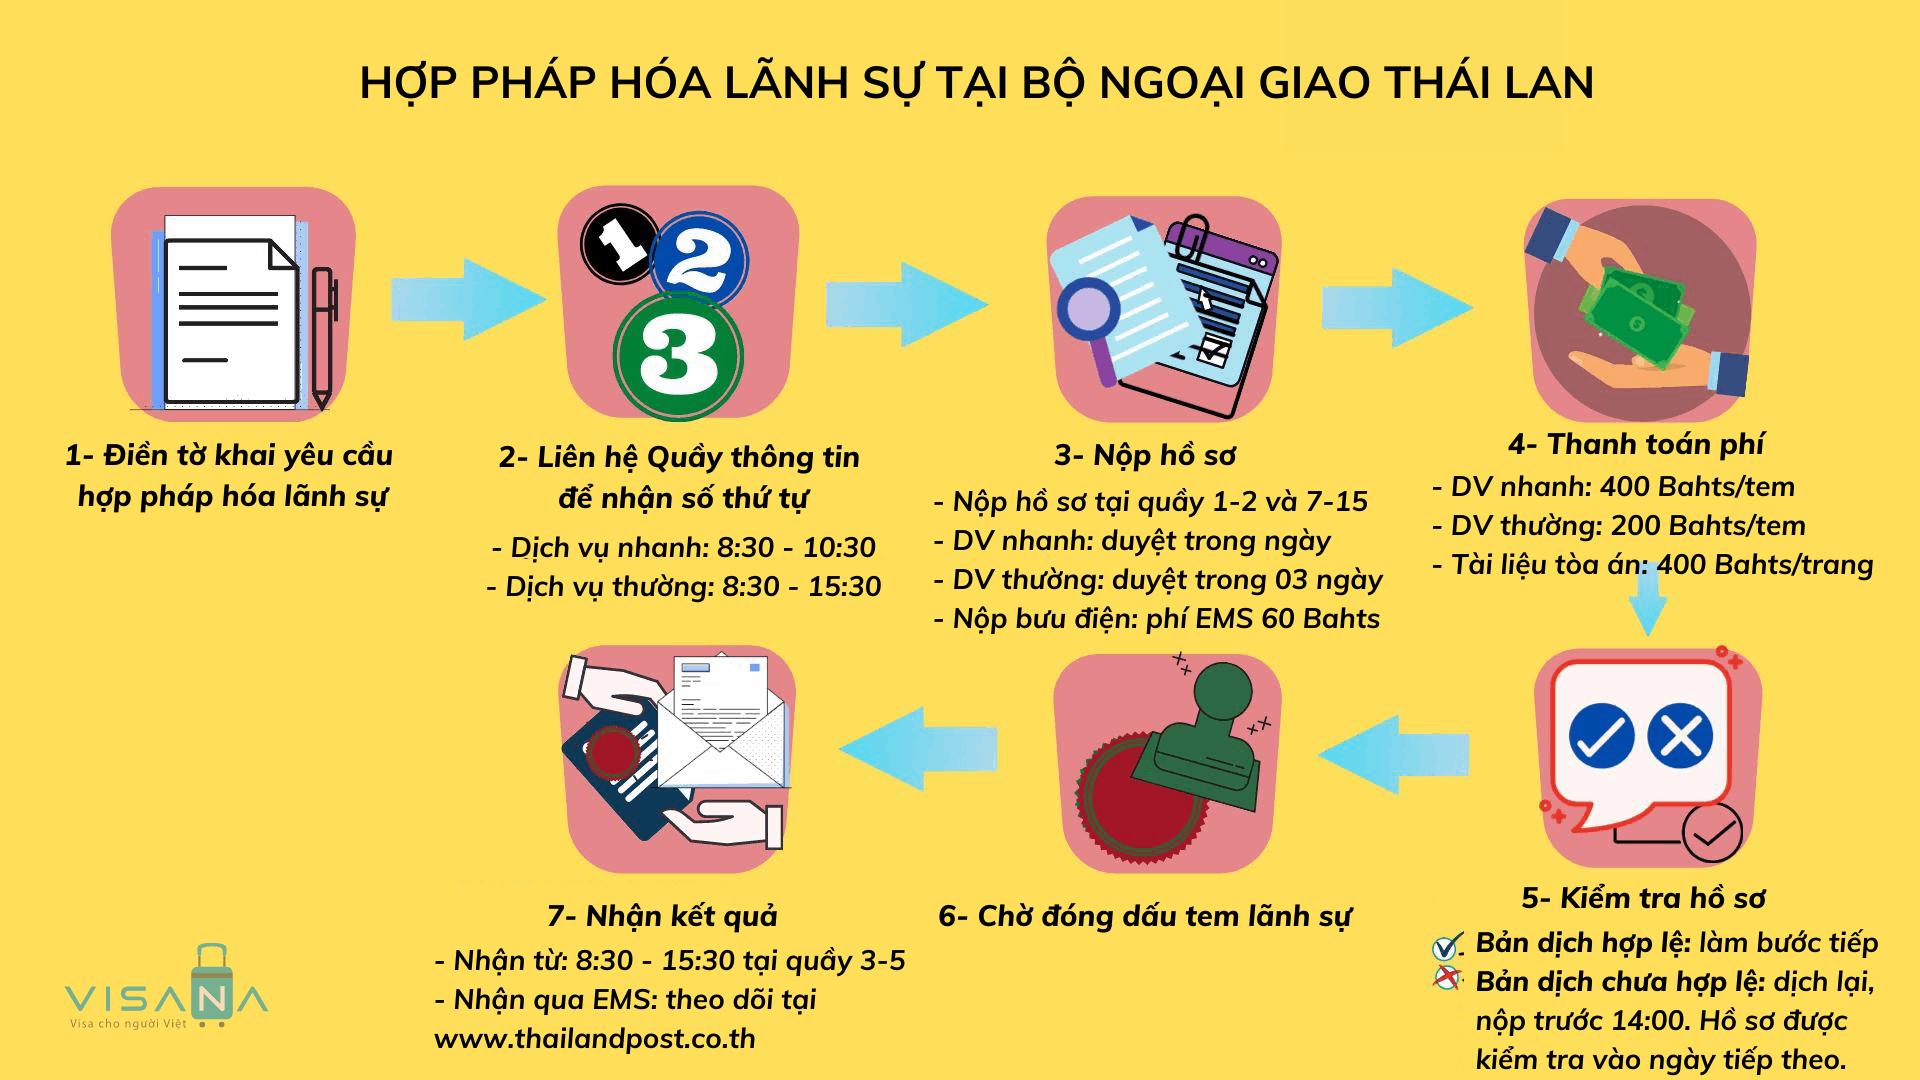 Quy trình hợp pháp hóa lãnh sự tại Bộ Ngoại giao Thái Lan